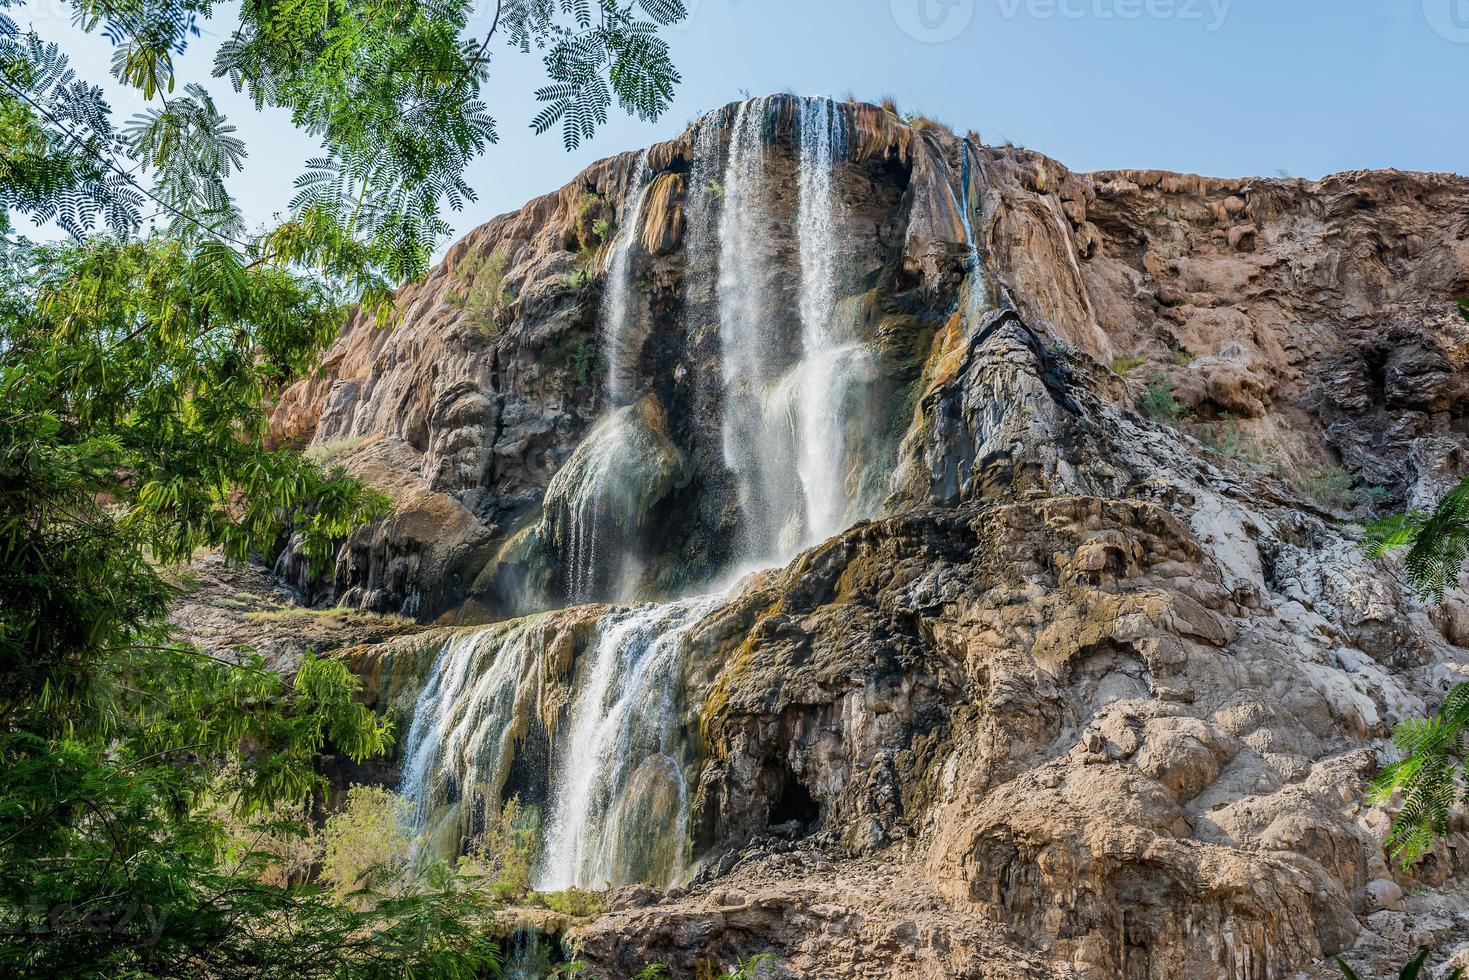 ma'in heta källor vattenfall Jordanien foto